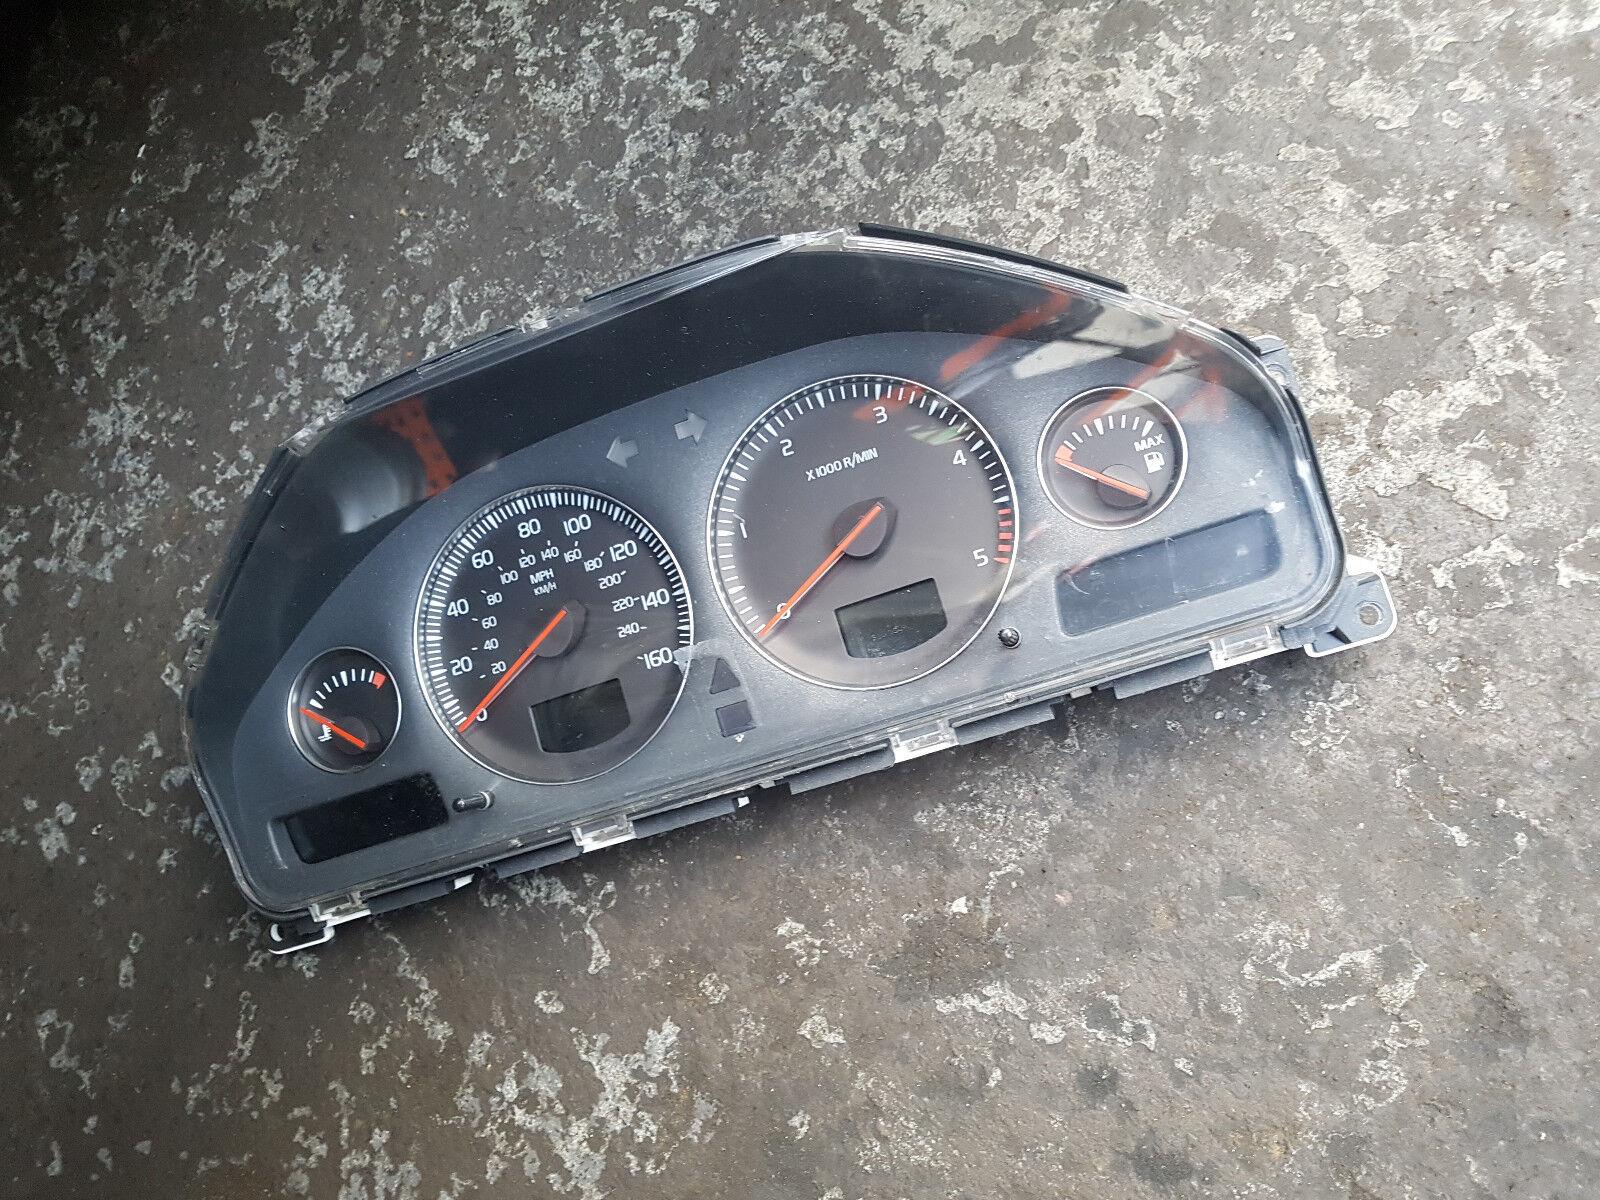 VOLVO S60/V70 XC90 70 2005 D5 2.4 PARTS - 30682287 CLOCKS/SPEEDO/INSTRUMENTS